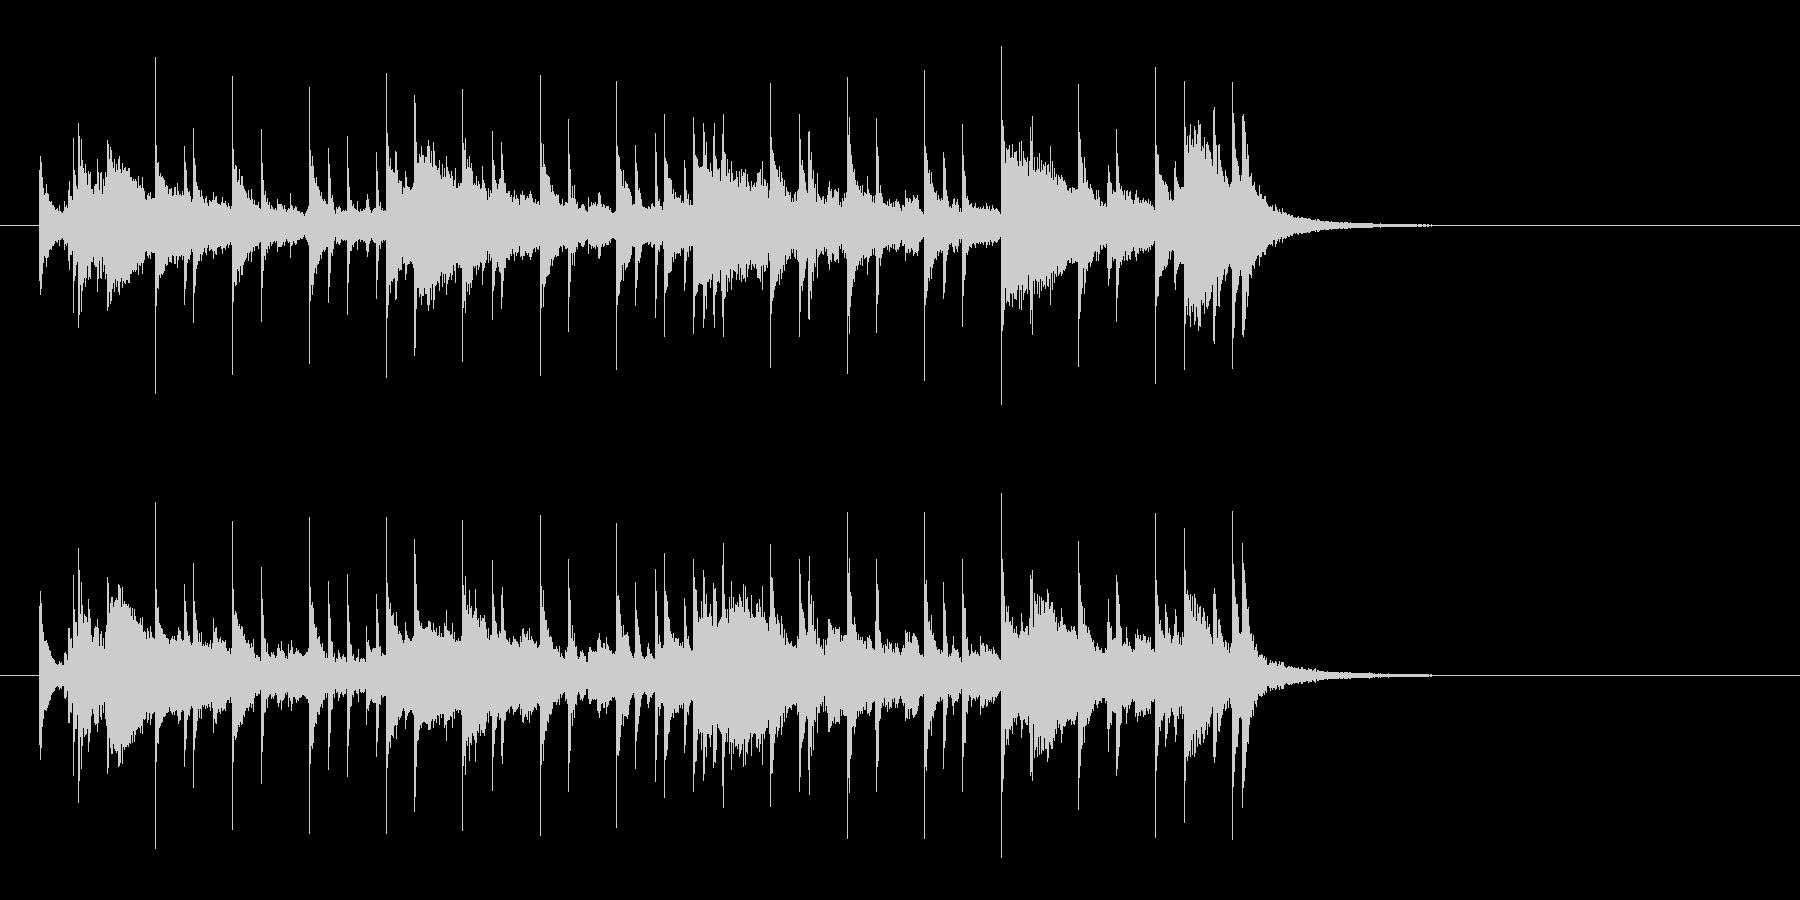 オープニング向きの透明感のあるサウンドの未再生の波形